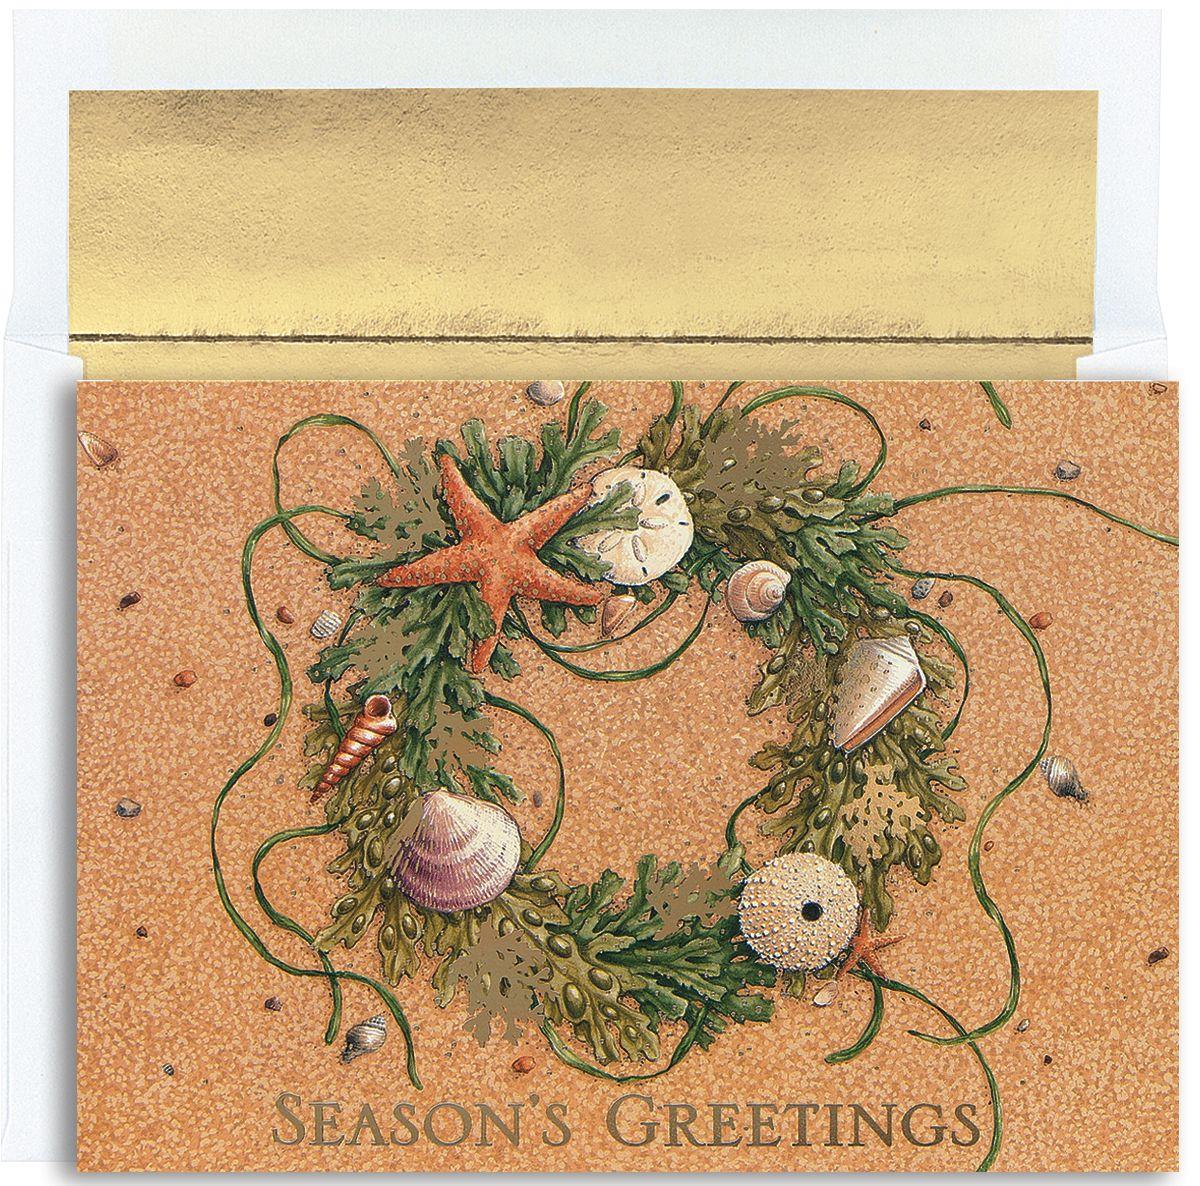 MyCards4Less - Beach Wreath Tropical Christmas Cards, $14.40 (http ...